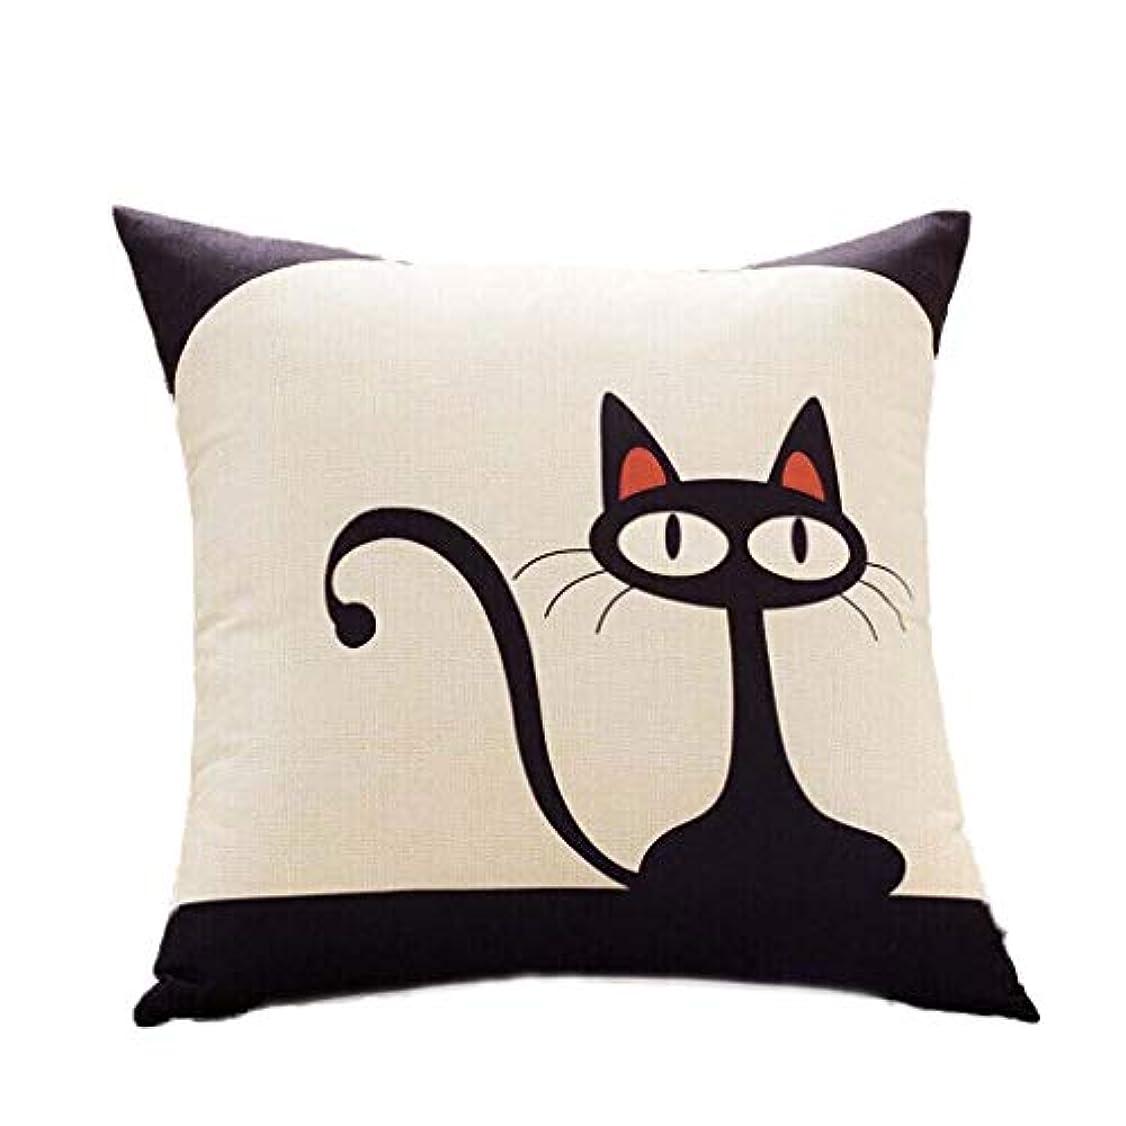 矢印高度な幸運なJiaba2018漫画の枕リビングルームのソファのクッション枕のベッド背もたれ枕の車の四角い枕クッションの腰のパッド